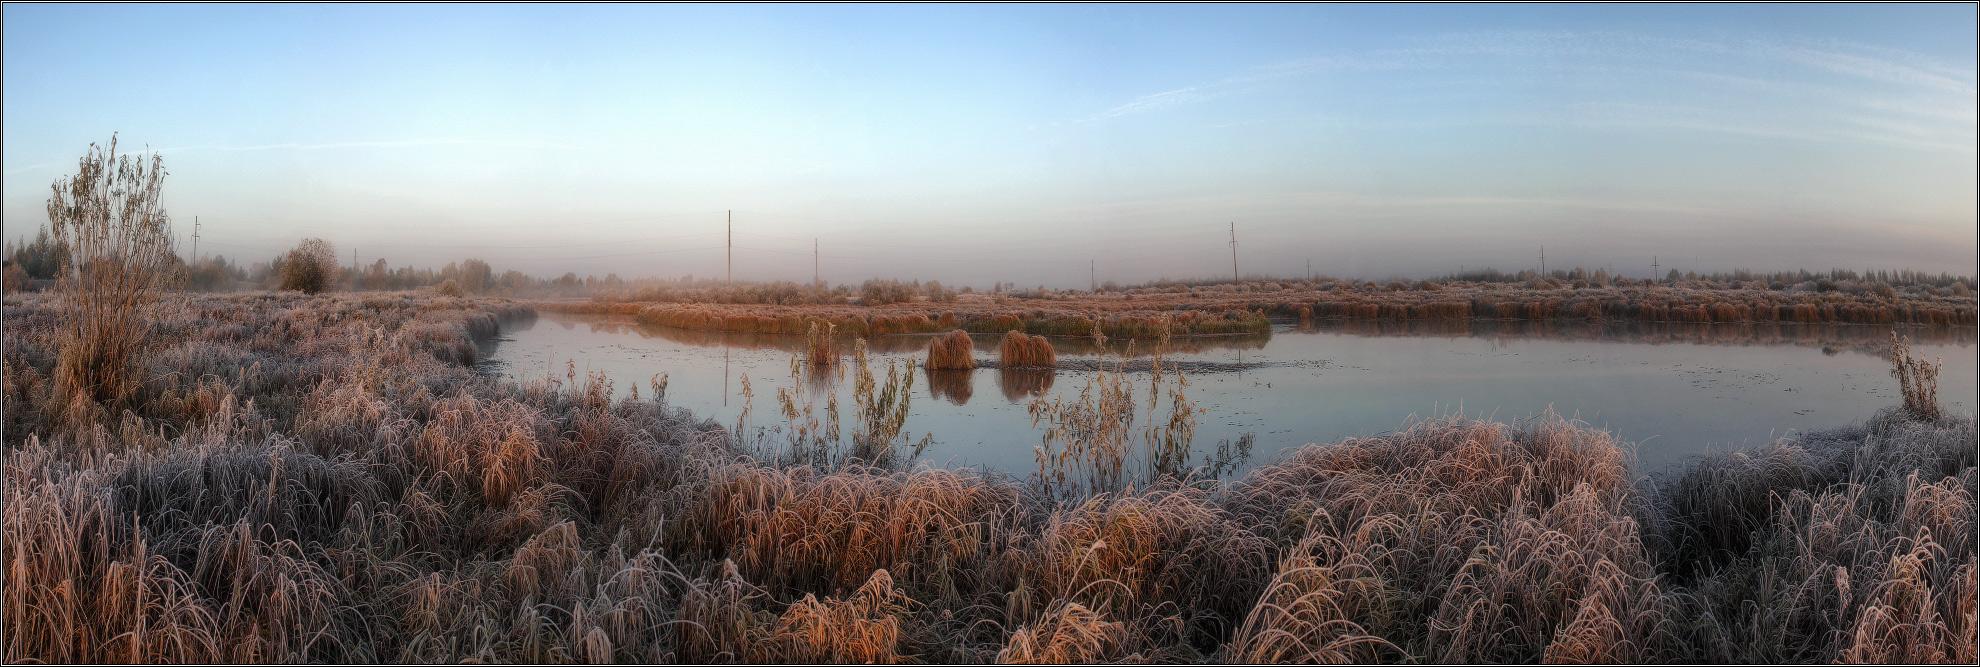 http://i3.imageban.ru/out/2011/10/24/b52f6b23f7d22d1cc6b44dbca0c2387c.jpg